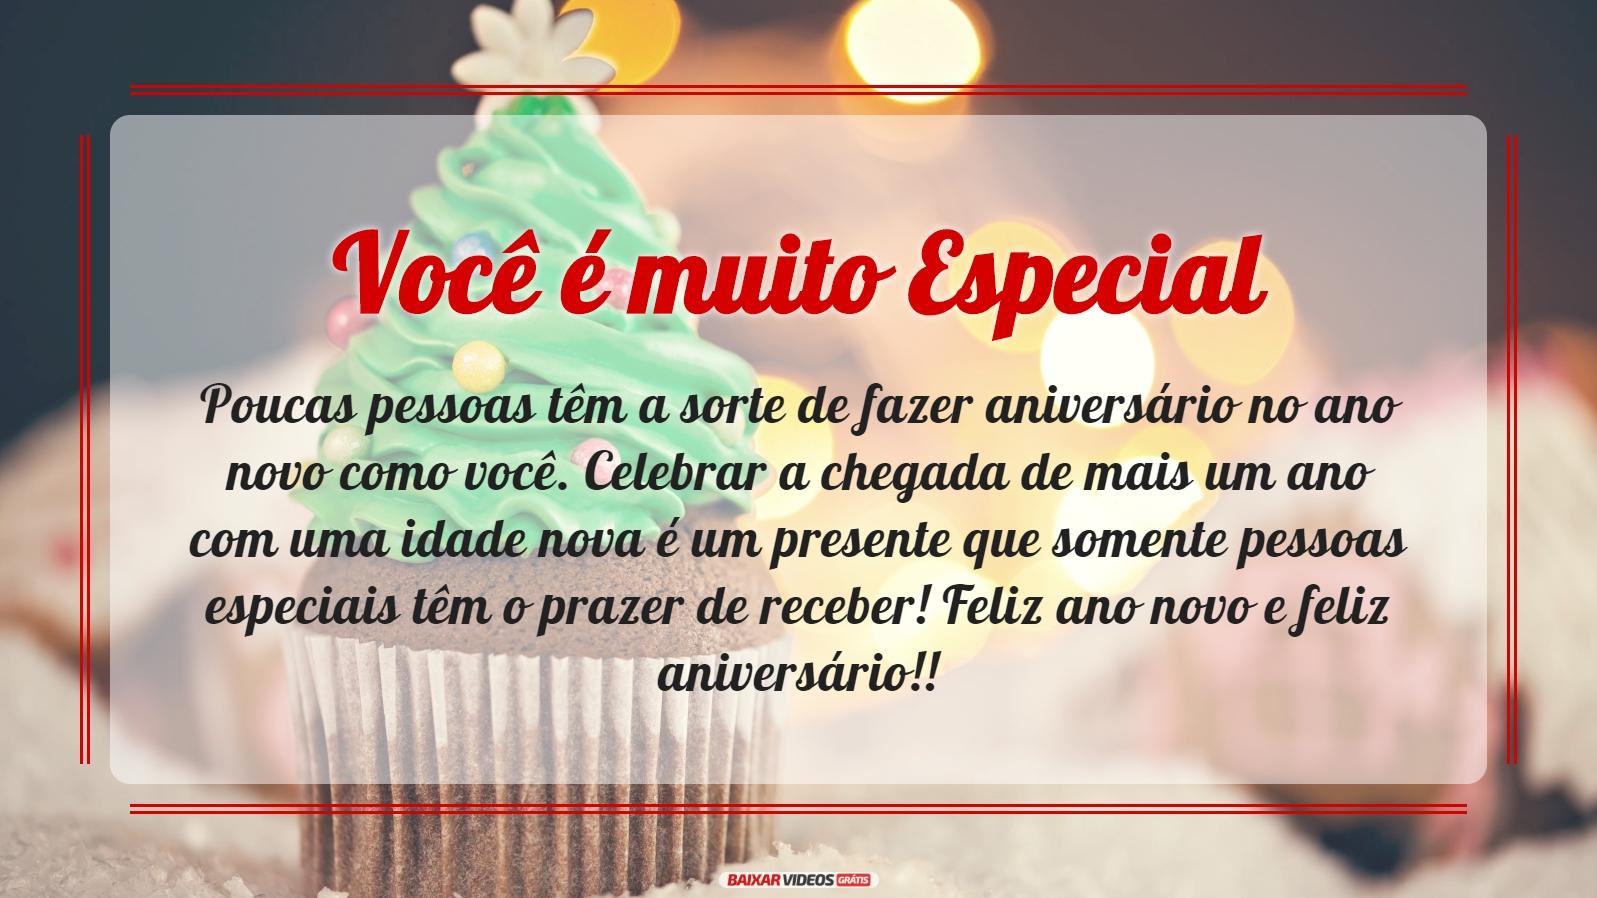 Poucas pessoas têm a sorte de fazer aniversário no ano novo como você. Celebrar a chegada de mais um ano com uma idade nova é um presente que somente pessoas especiais têm o prazer de receber! Feliz ano novo e feliz aniversário!!